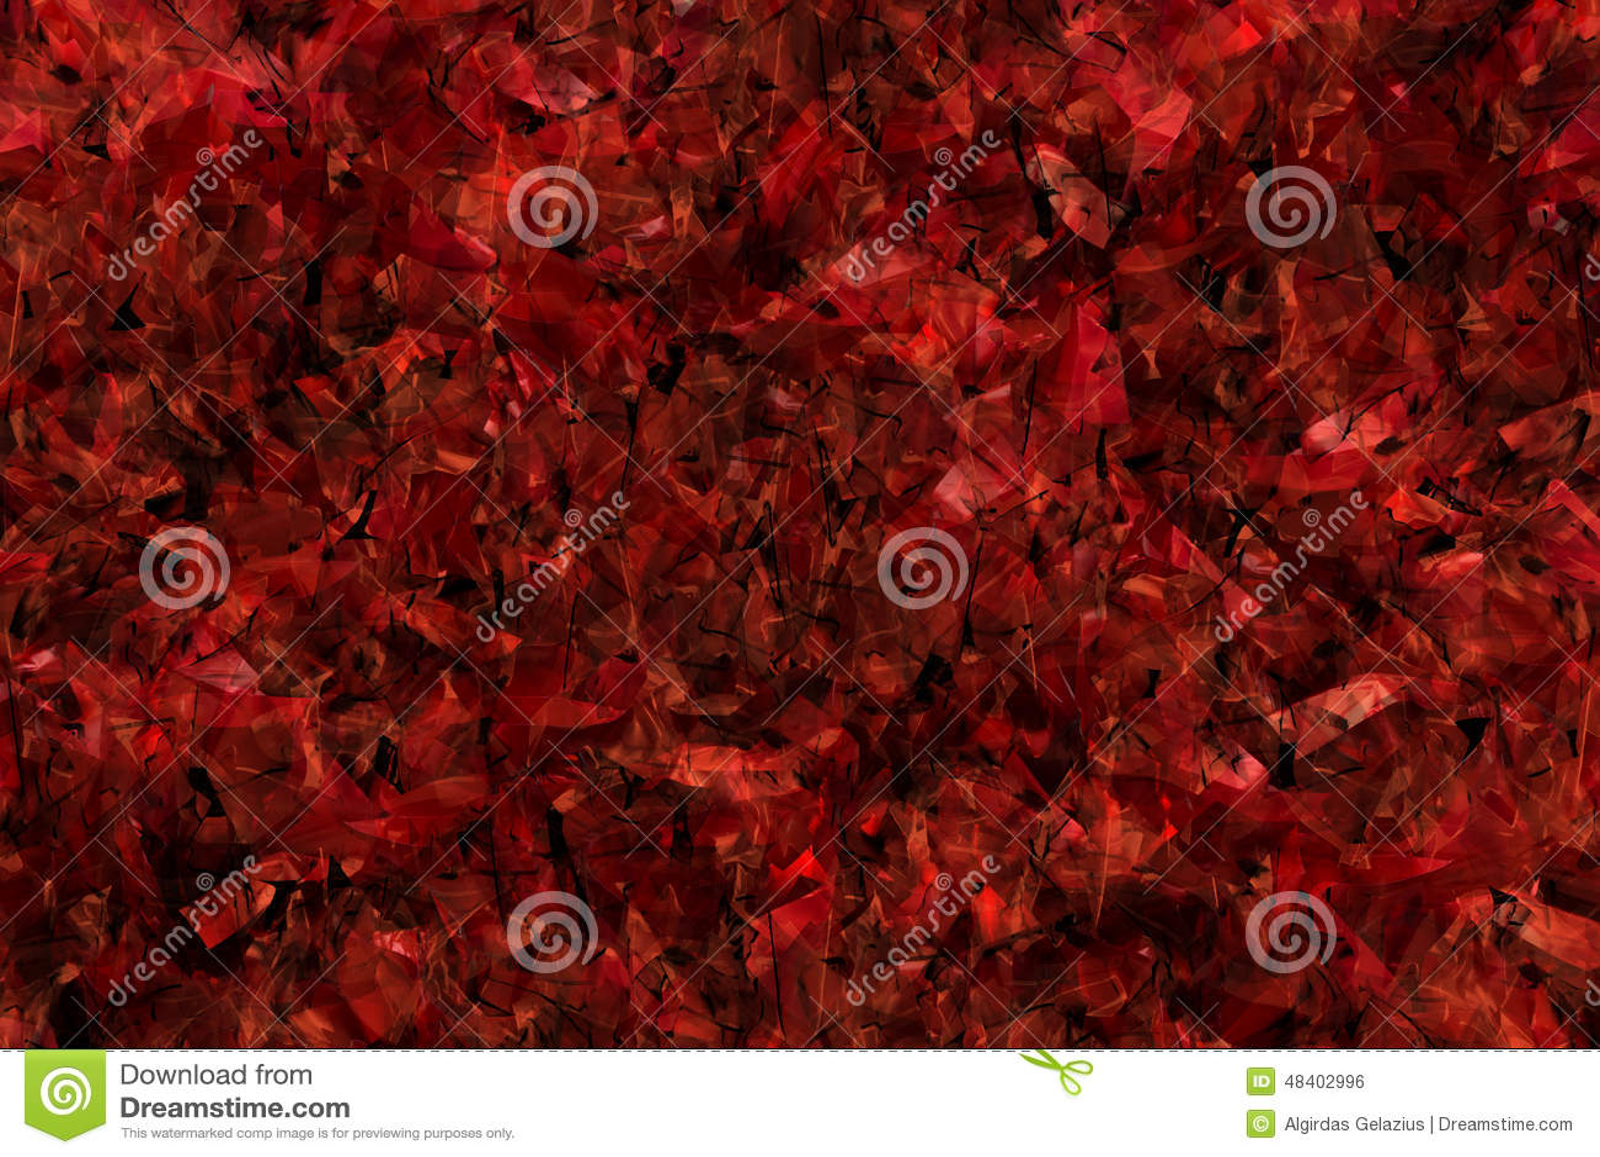 Fond rouge érotique chaotique